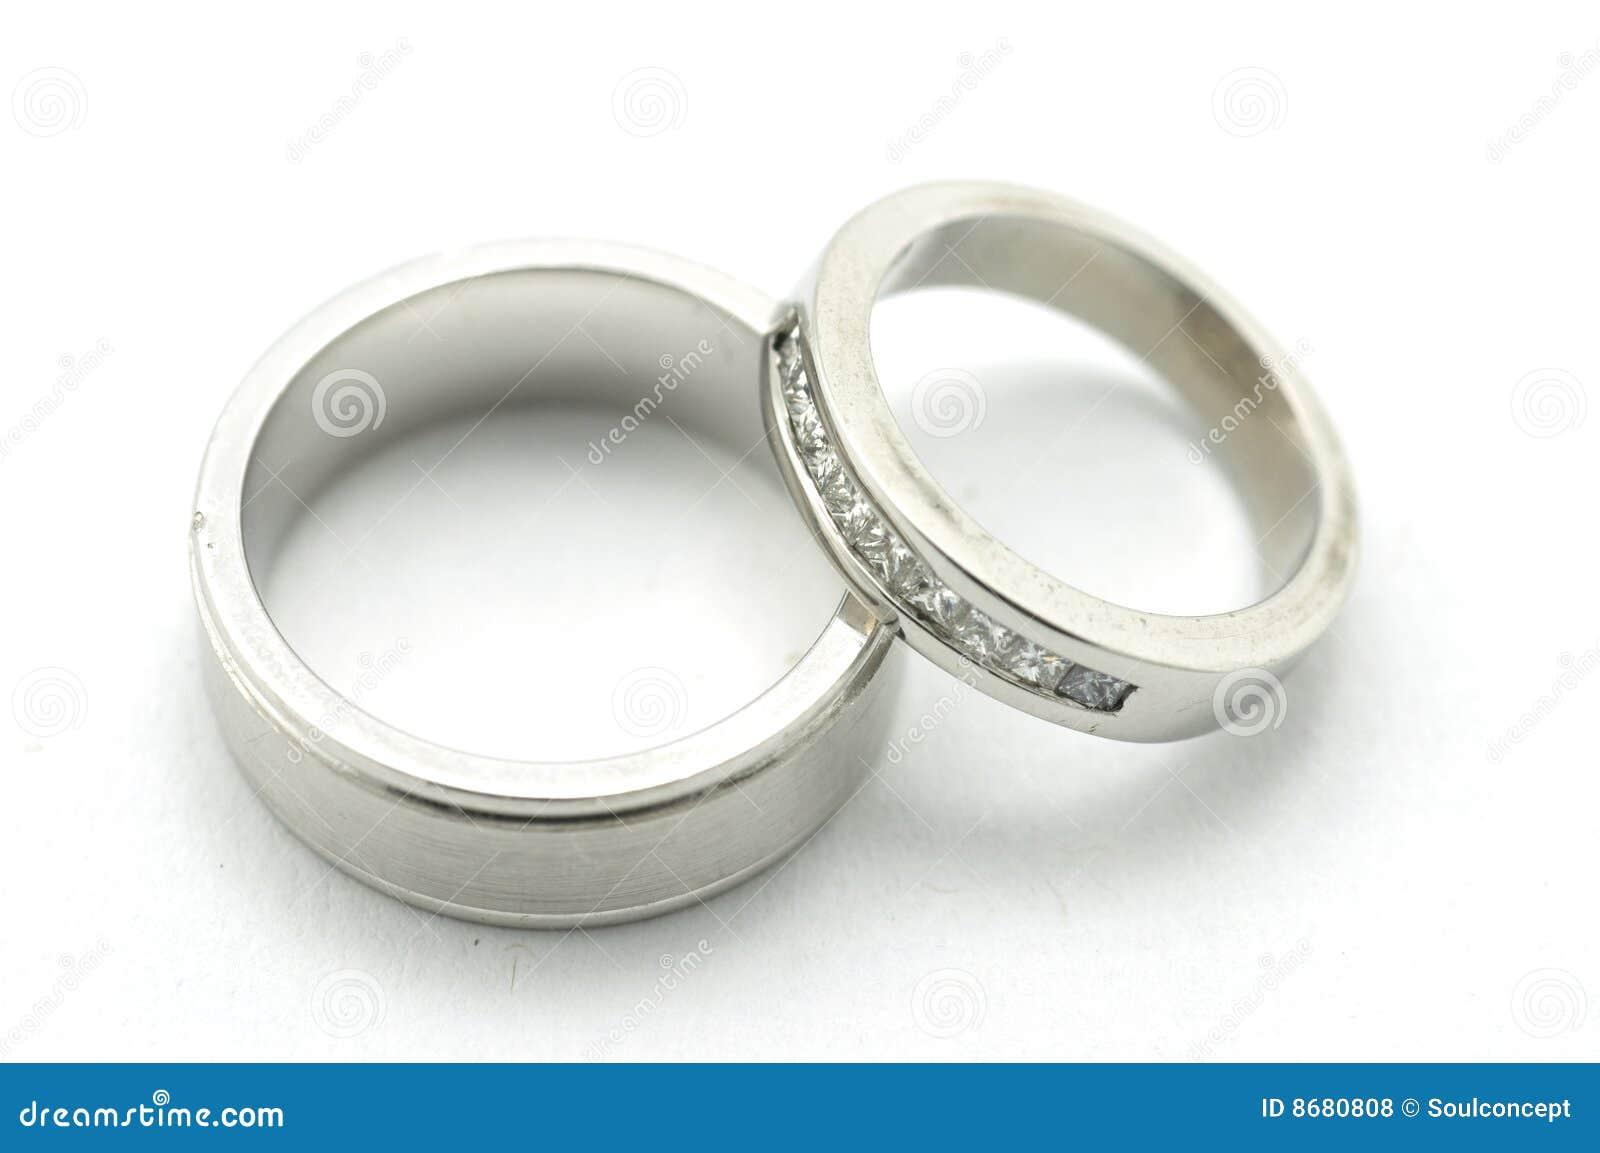 γάμος ζευγαριού ζωνών